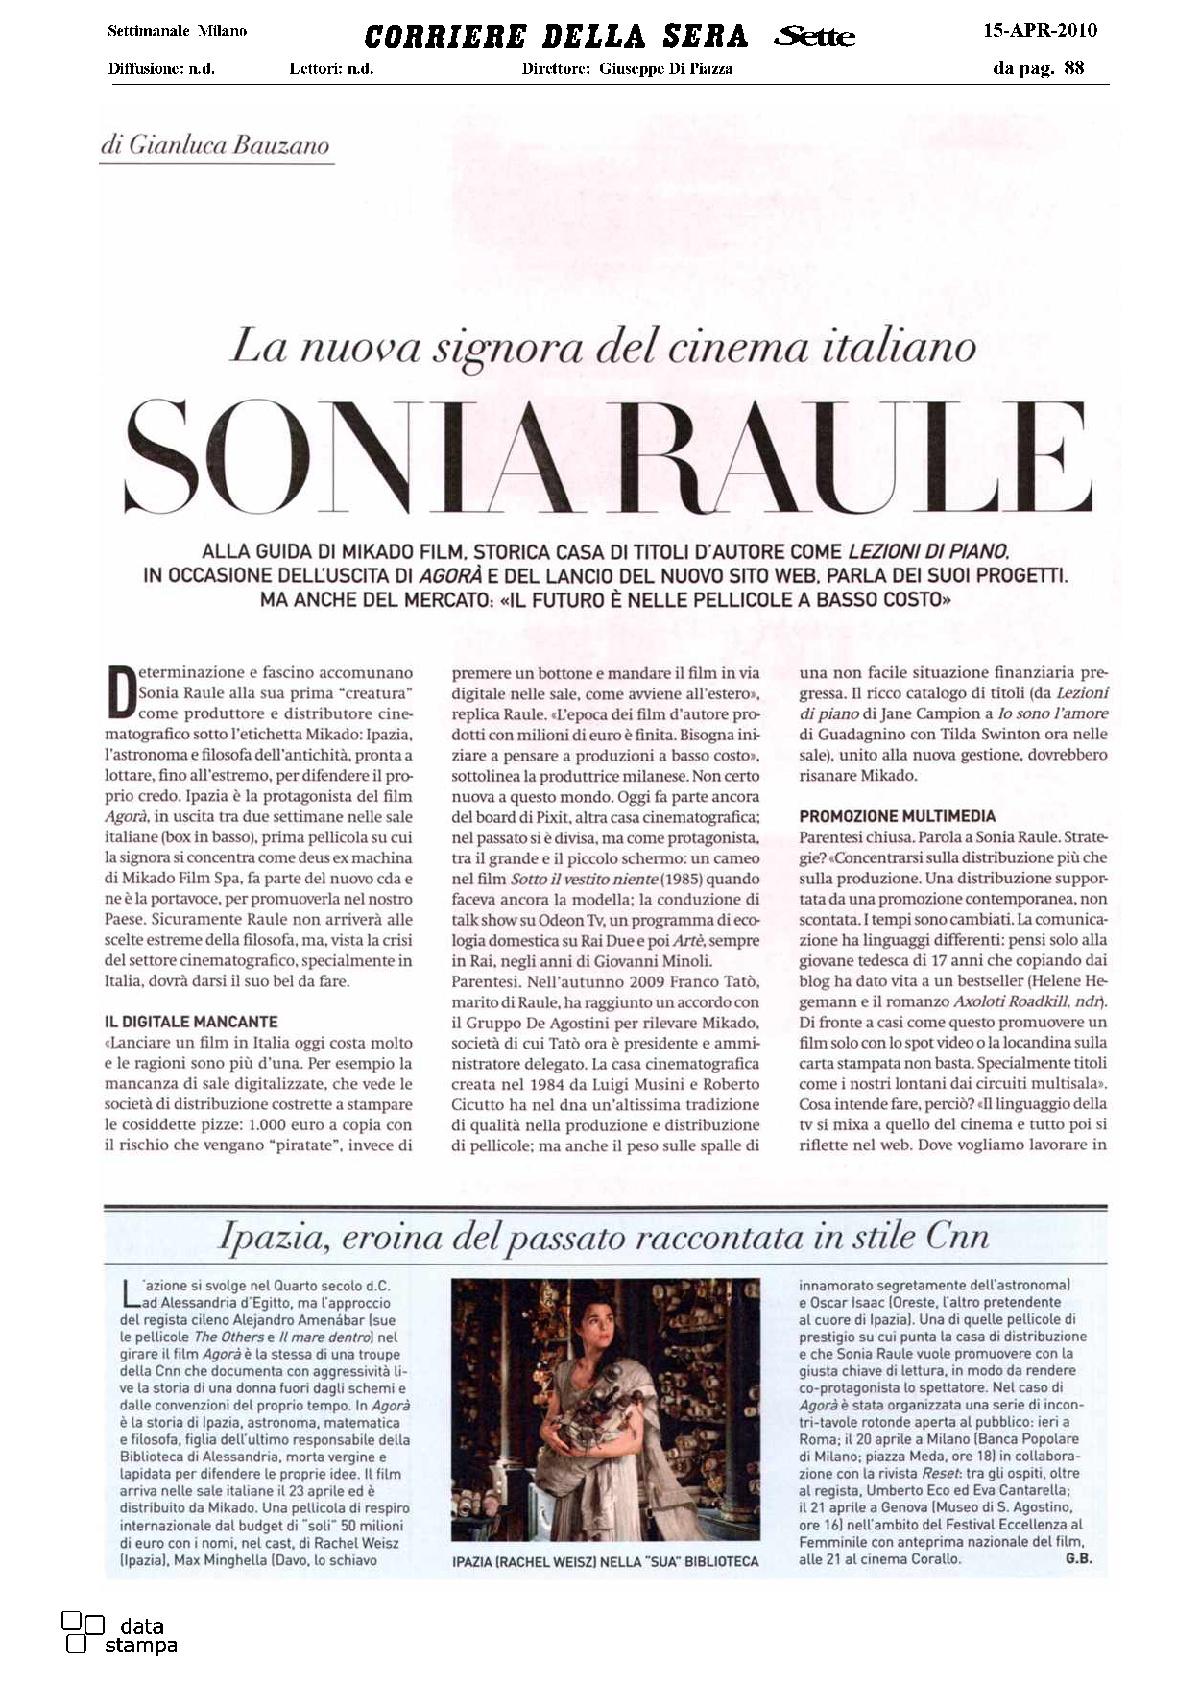 2010-04_Sette_La-nuova-signora-del-cinema-italiano-Sonia-Raule-001